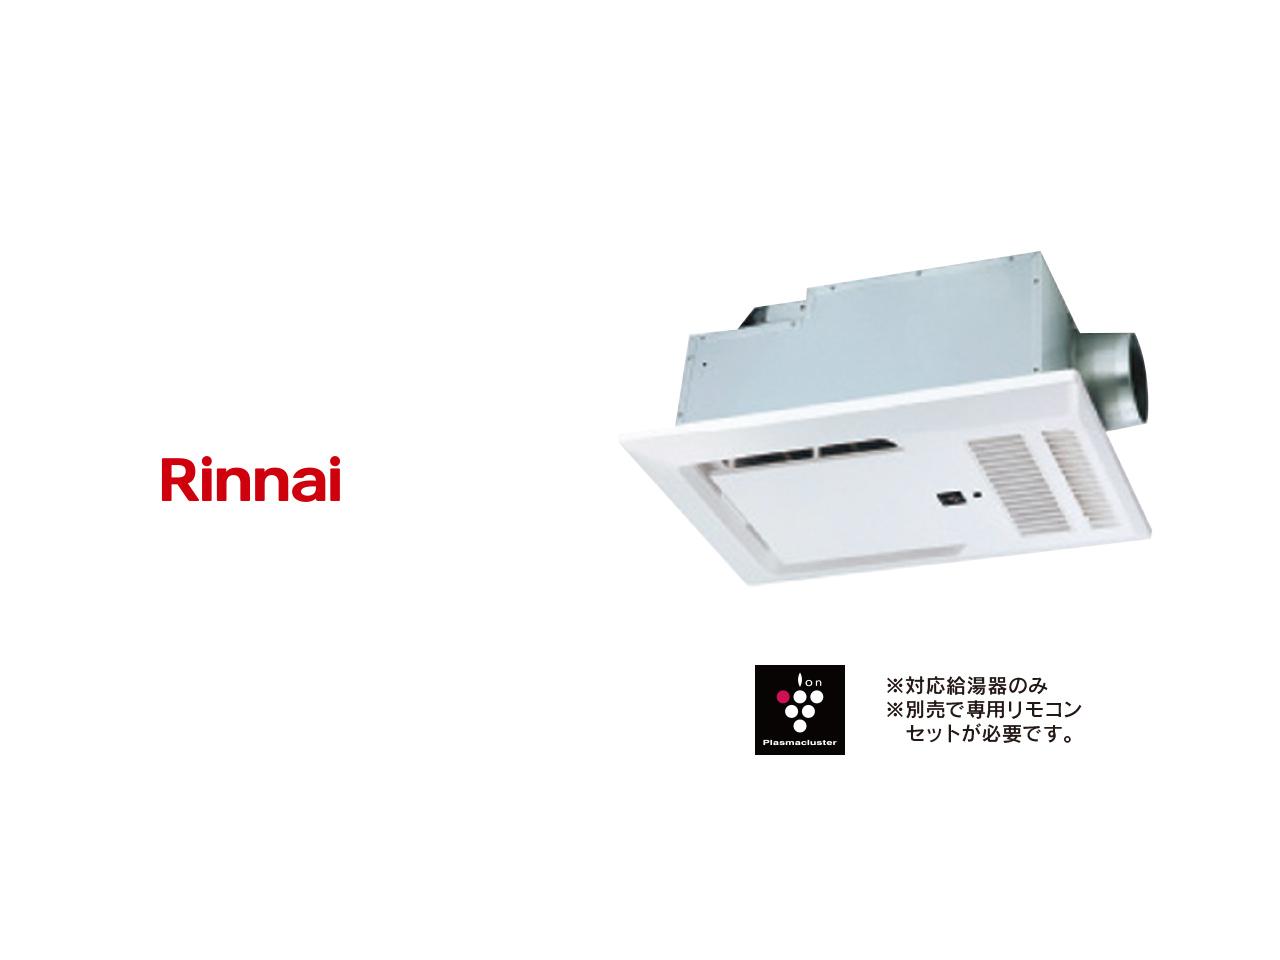 画像:Rinnai 電気式浴室暖房乾燥機